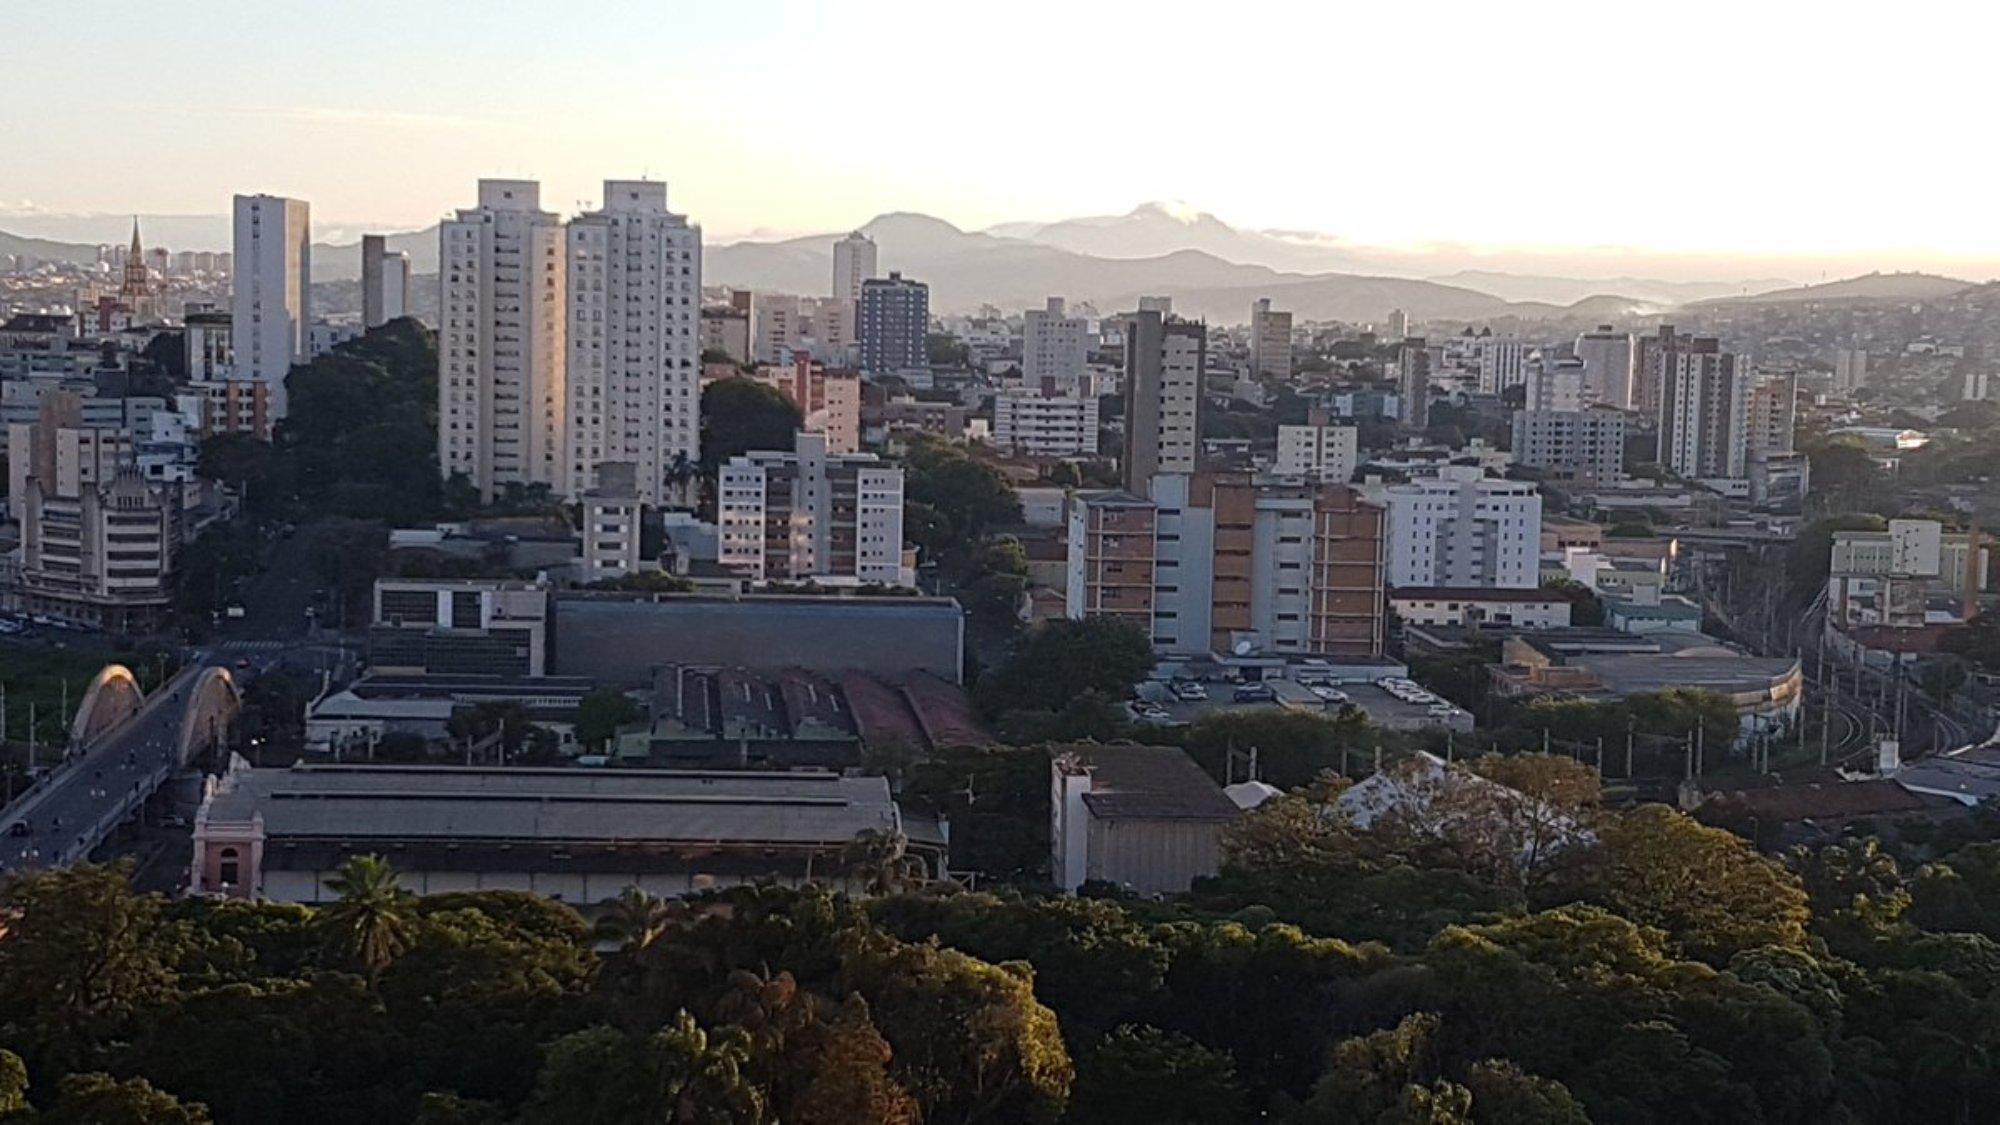 - Tại Brazil, chính phủ tập trung đầu tư công nghệ trong lĩnh vực du lịch và hạ tầng nhằm tạo thuận lợi cho du khách, qua đó nâng cao doanh thu trong ngành du lịch – ngành công nghiệp sạch cho các thành phố.